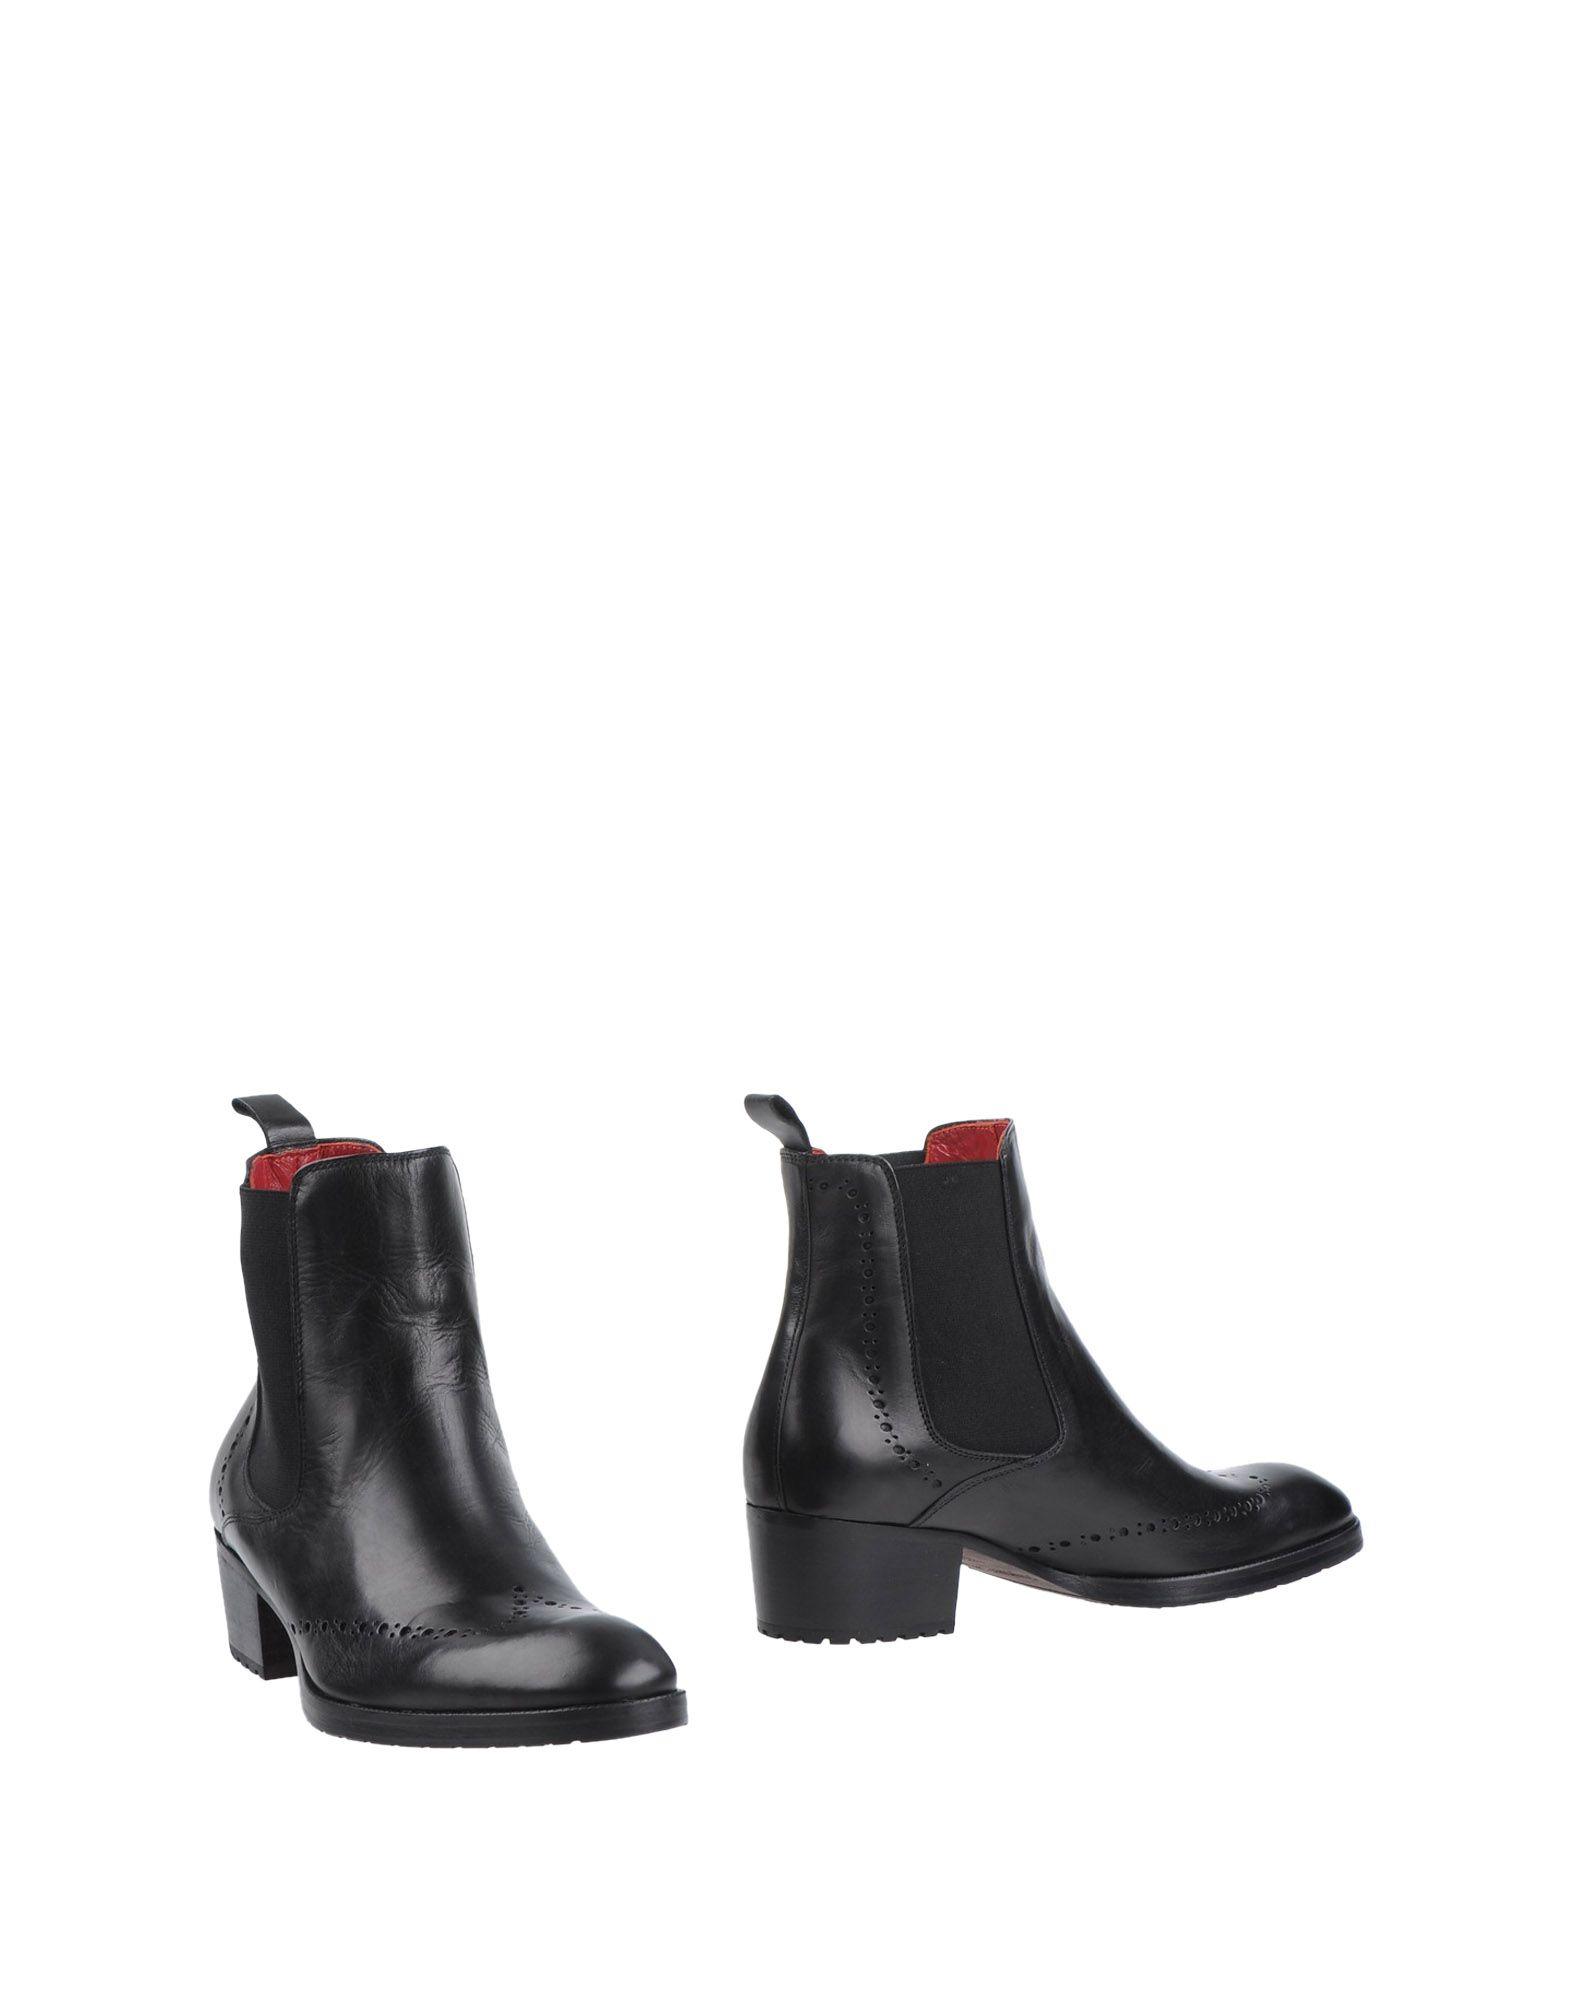 GIANFRANCO LATTANZI Полусапоги и высокие ботинки купить футбольную форму челси торрес